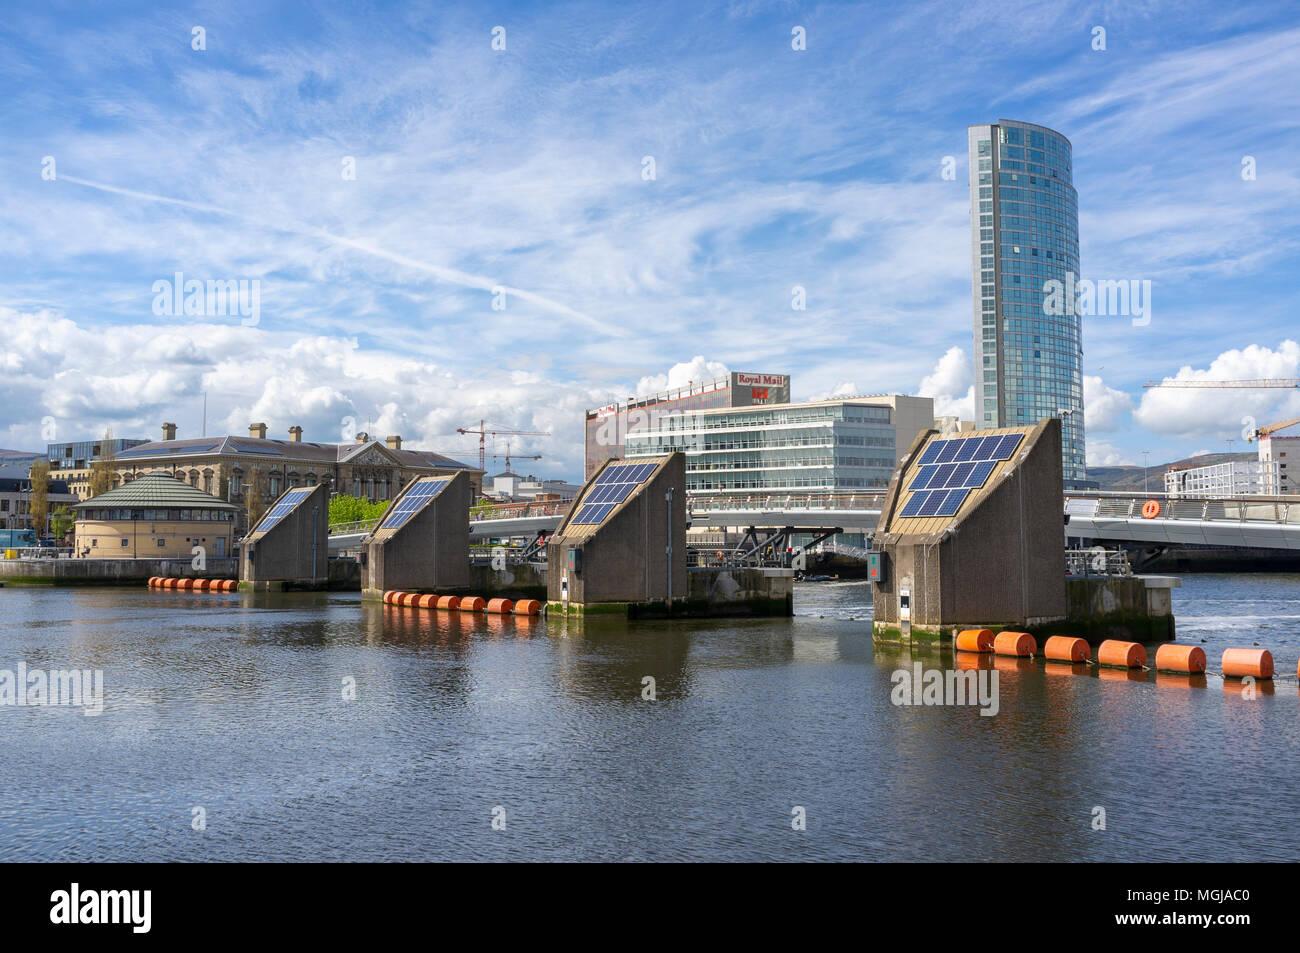 Der Lagan Wehr, Belfast. Der Obel Gebäude kann nach rechts und das Custom House auf der linken Seite gesehen werden. Stockfoto